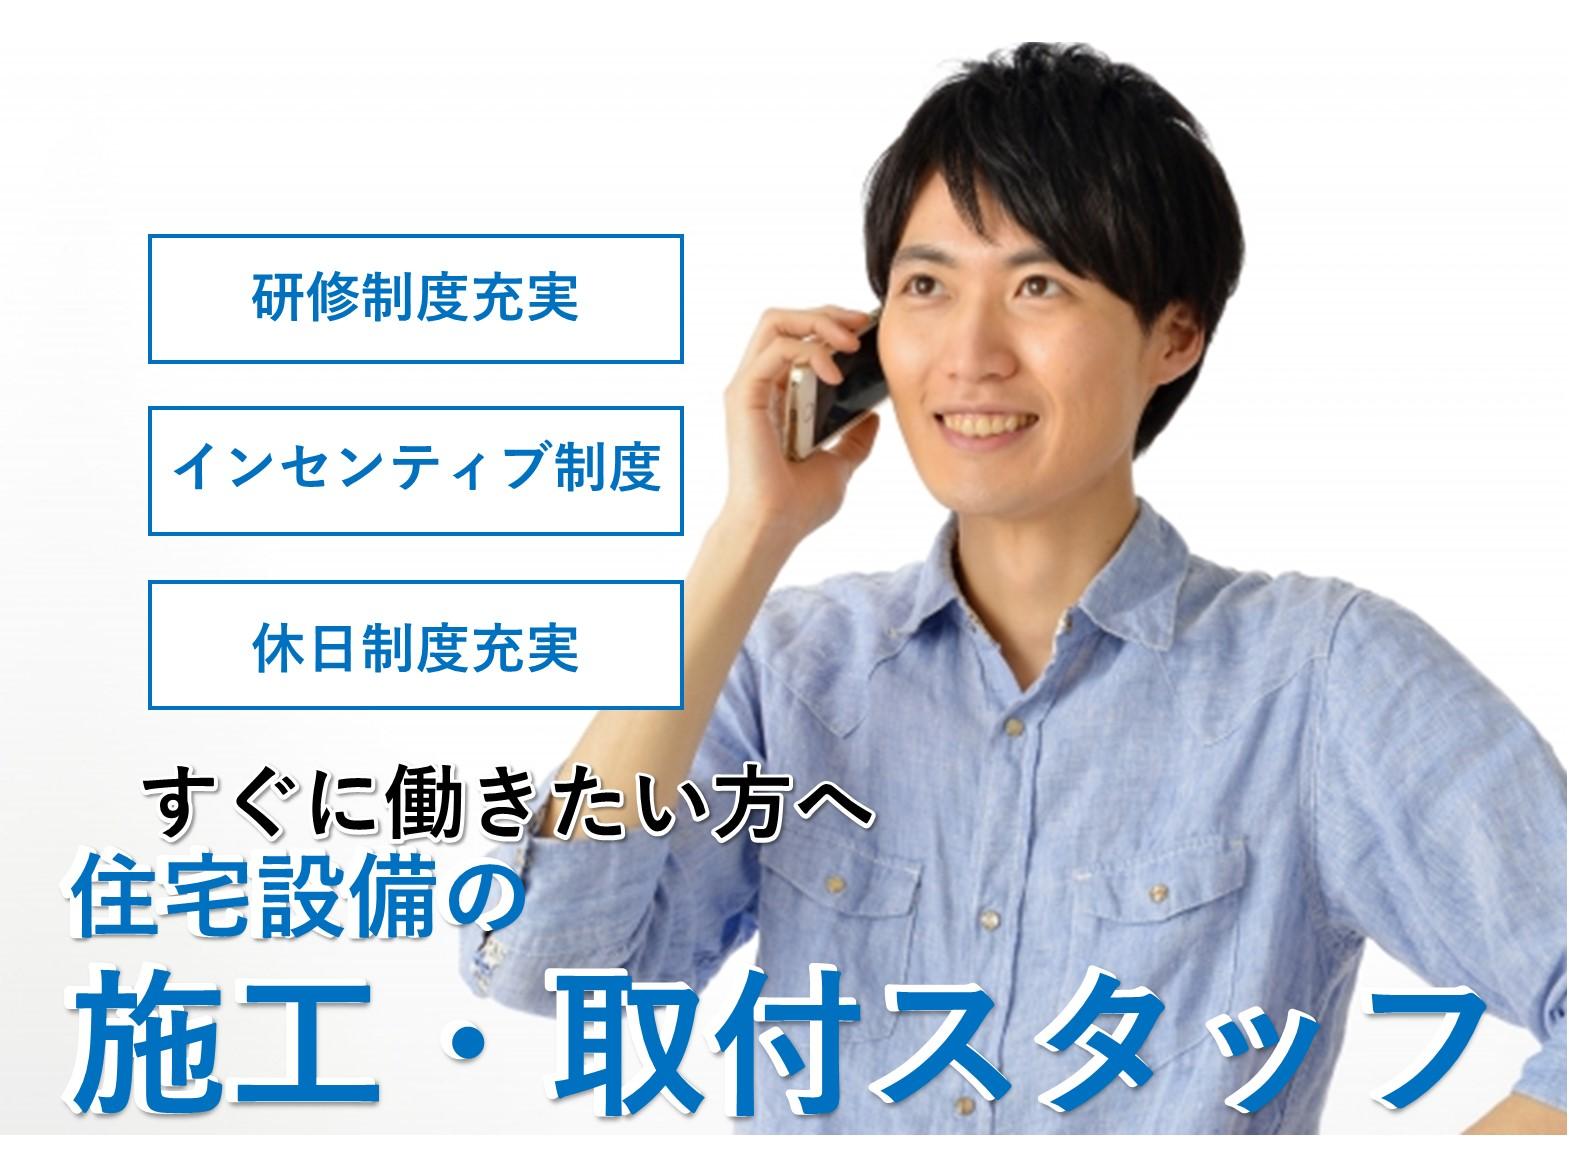 未経験OK!【急募】暮らしの救世主!住宅設備の施工・取付スタッフ イメージ